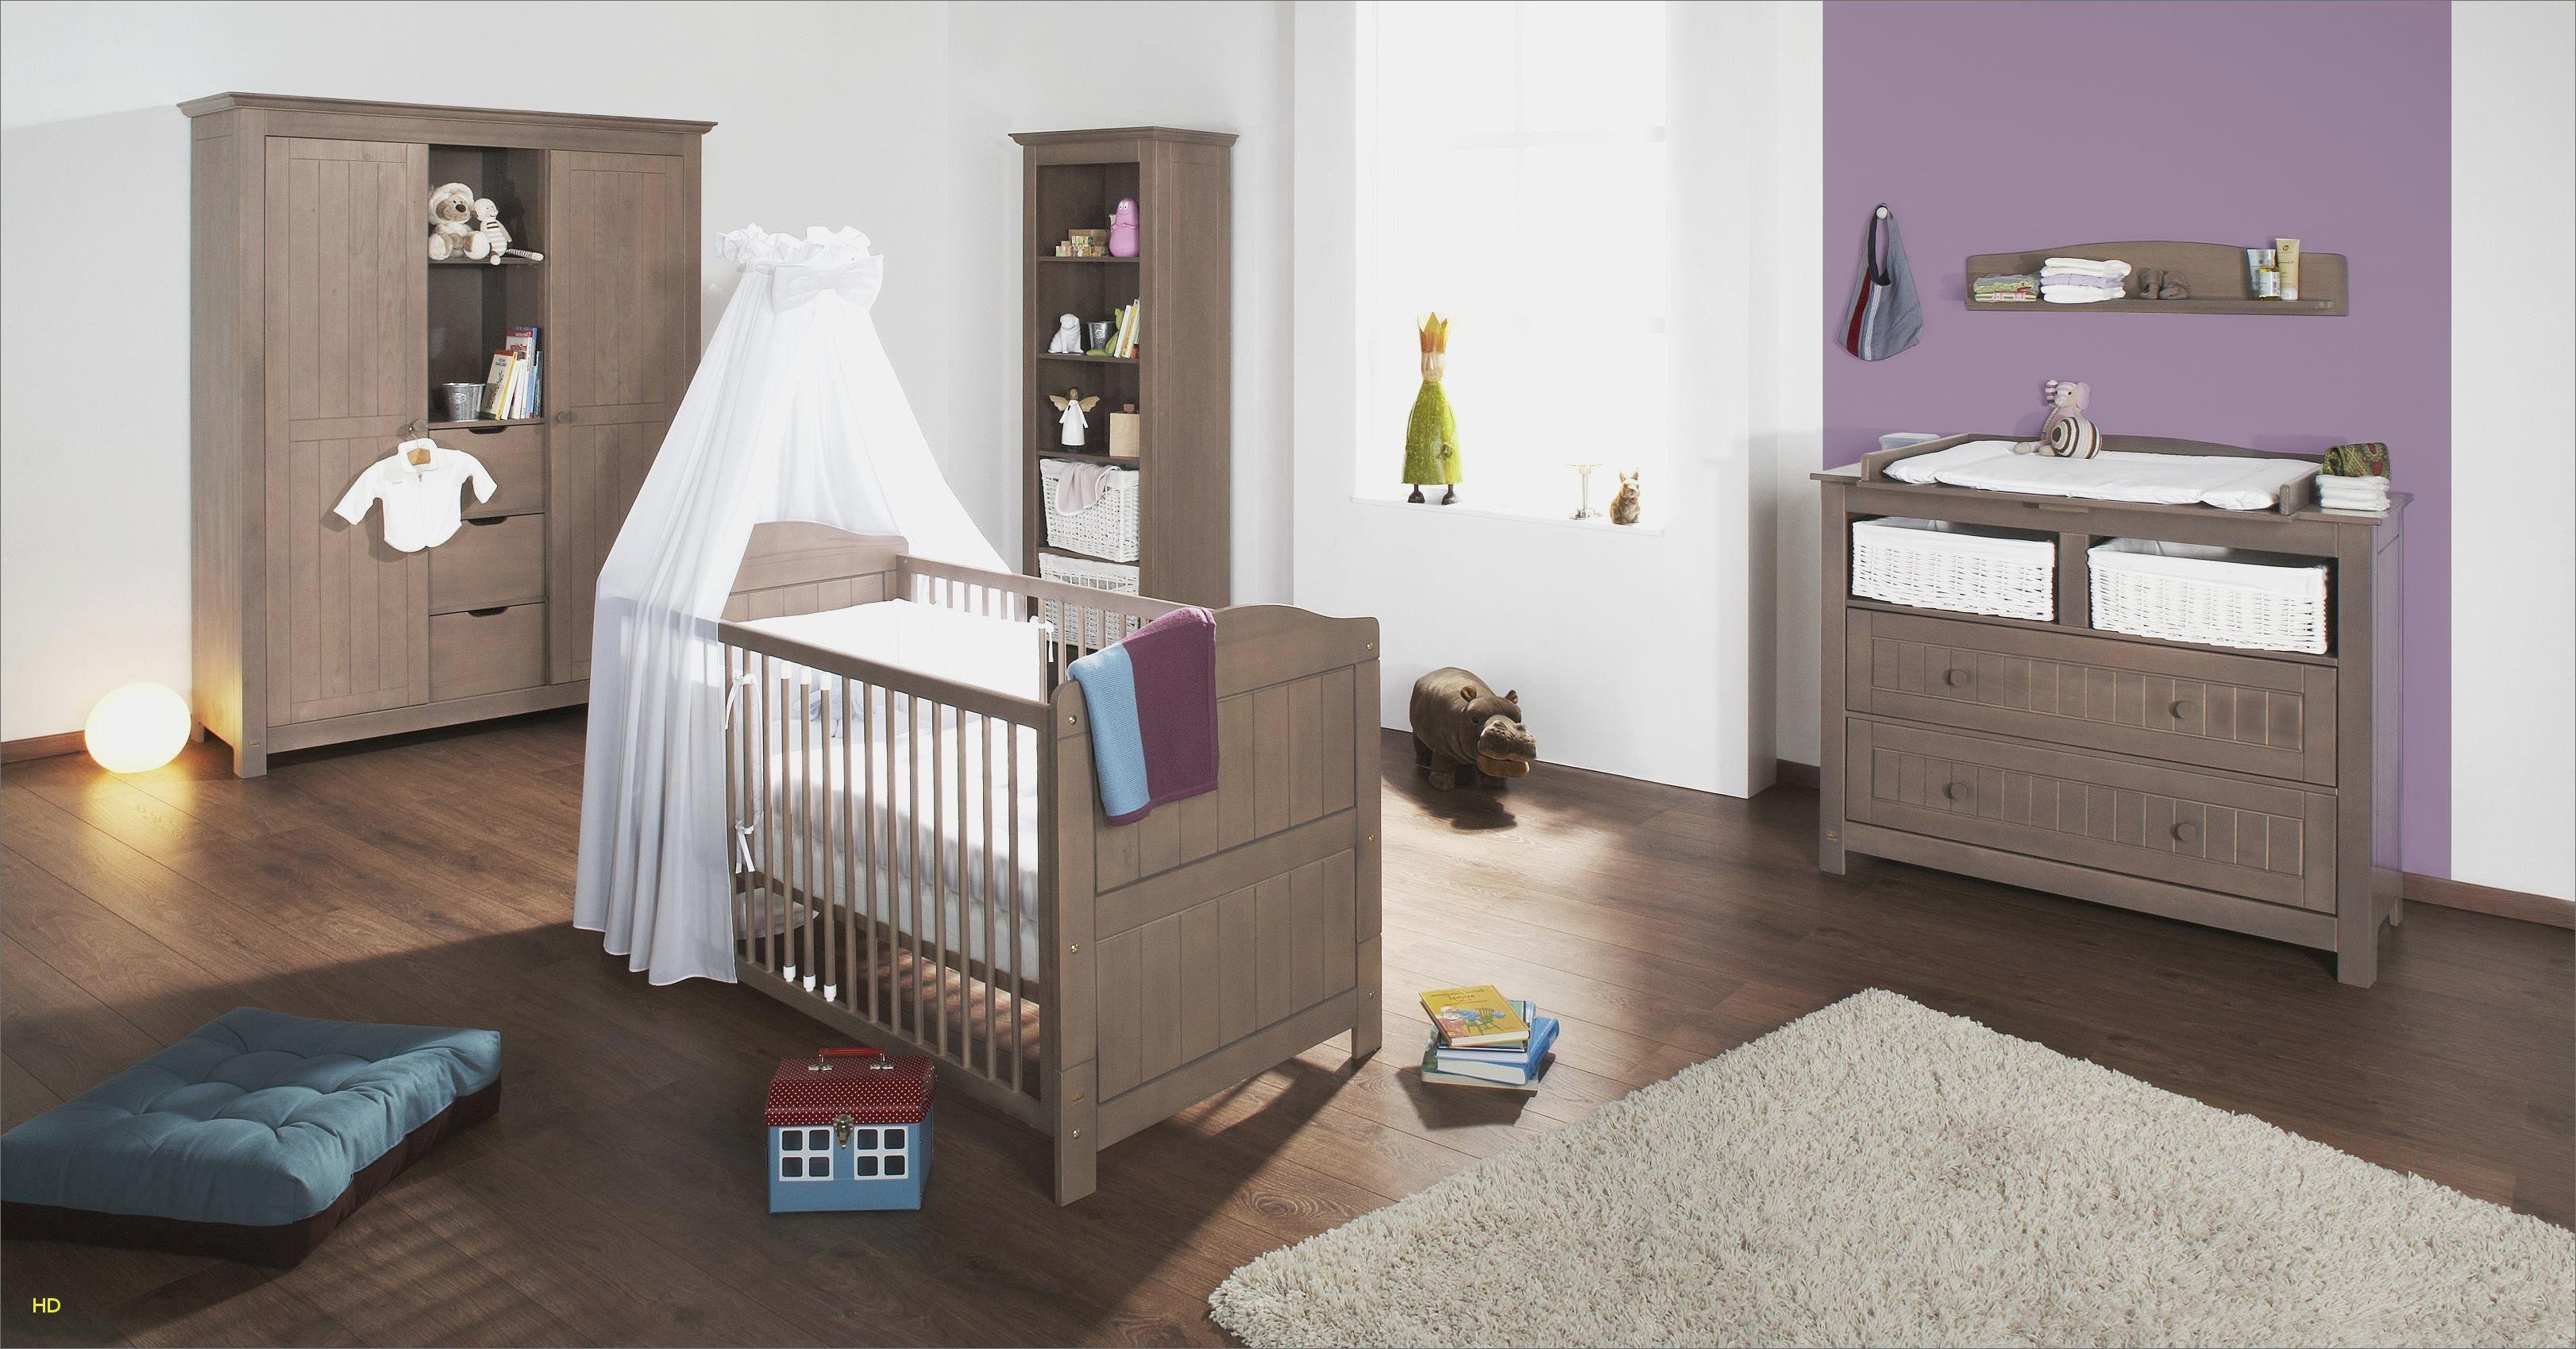 Solde Lit Bebe Bel attrayant Chambre Enfant Bebe Et Chambre Bb Fille Fresh Chambre Bb